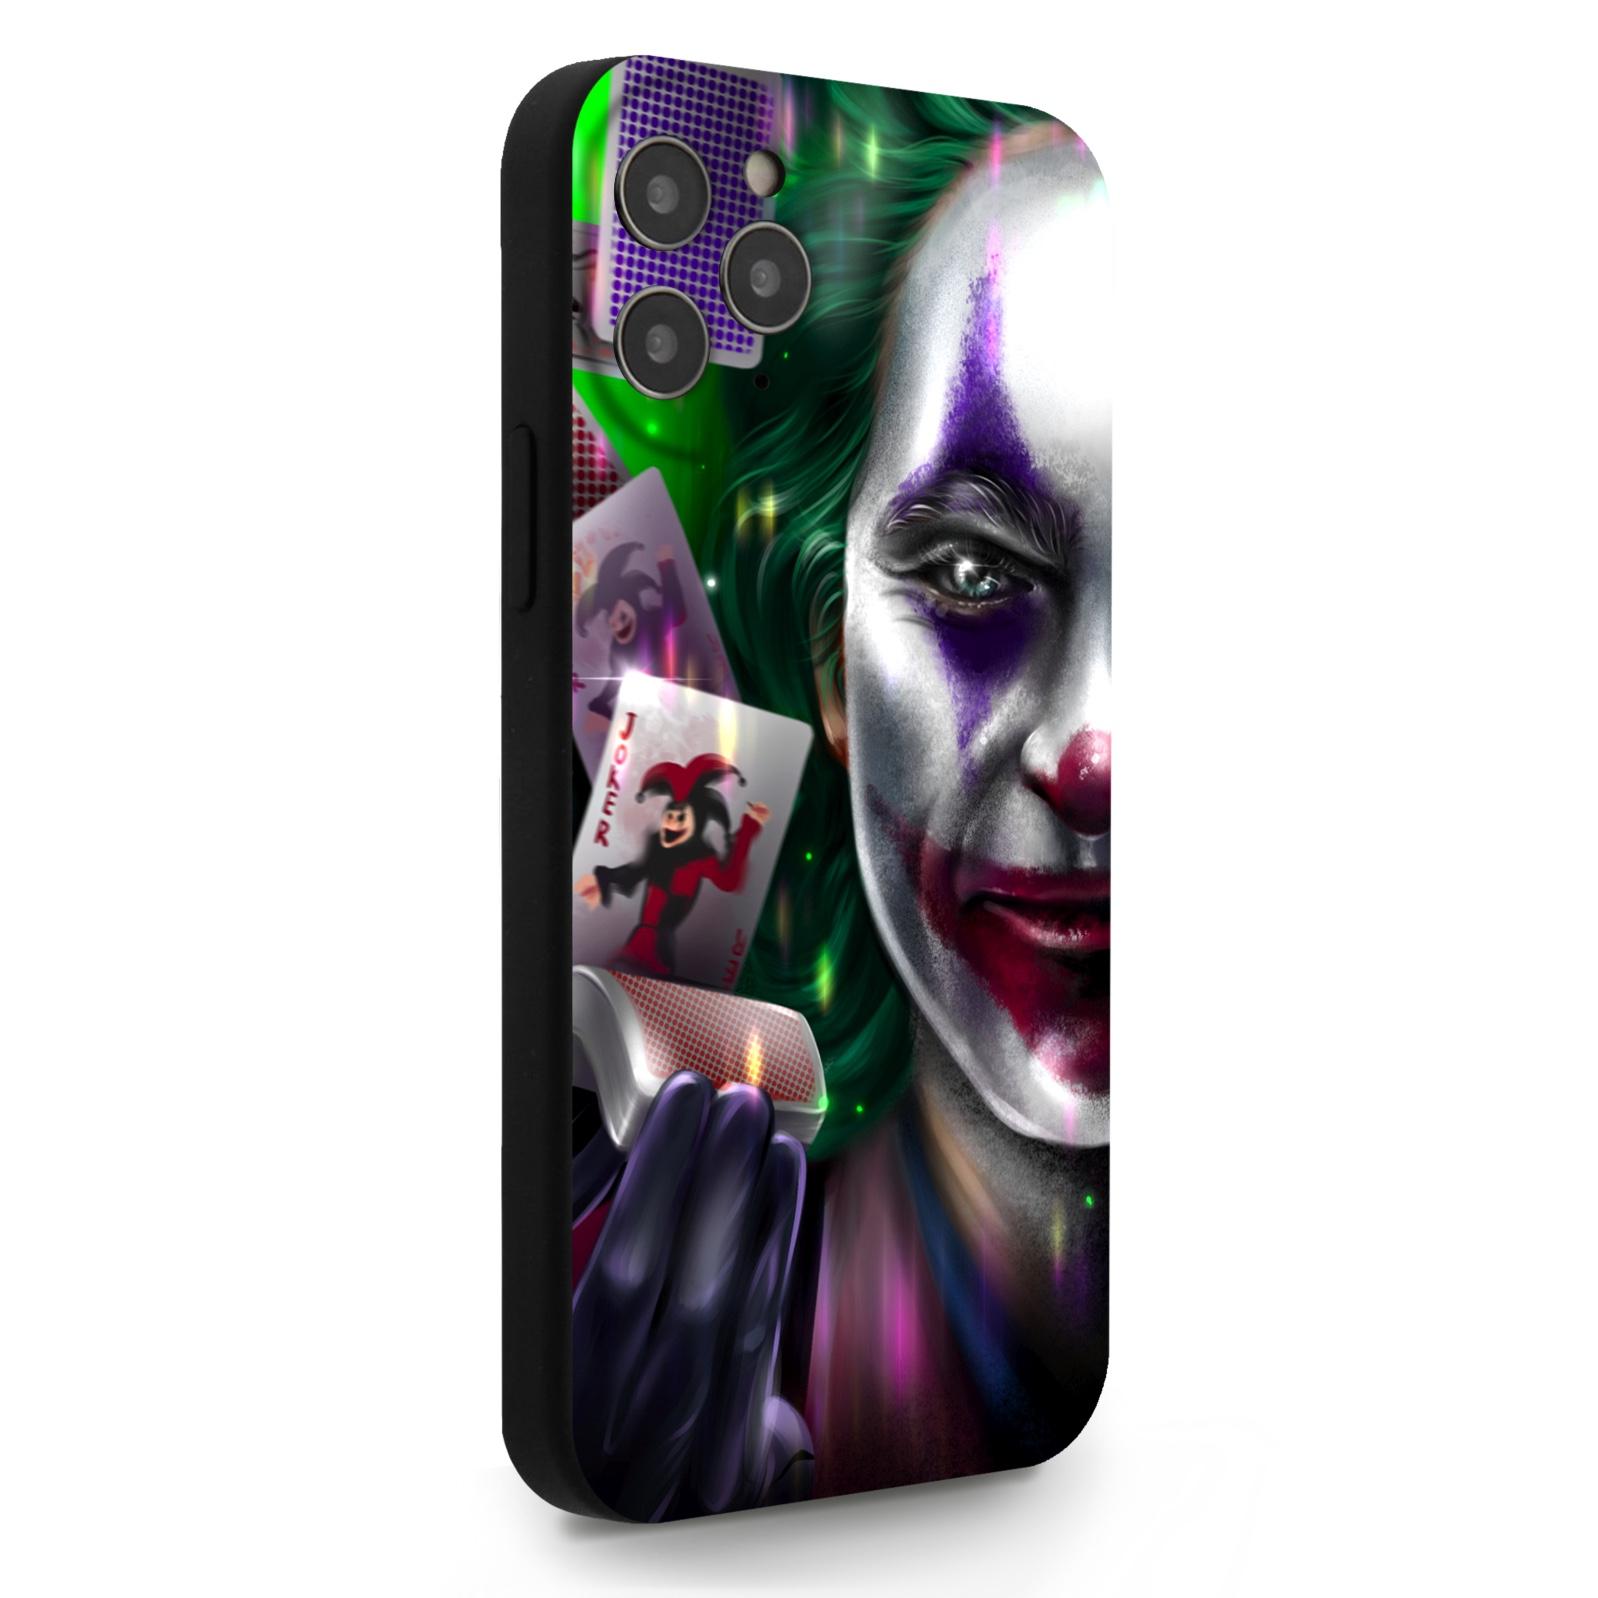 Черный силиконовый чехол для iPhone 12/12 Pro Joker/ Джокер для Айфон 12/12 Про